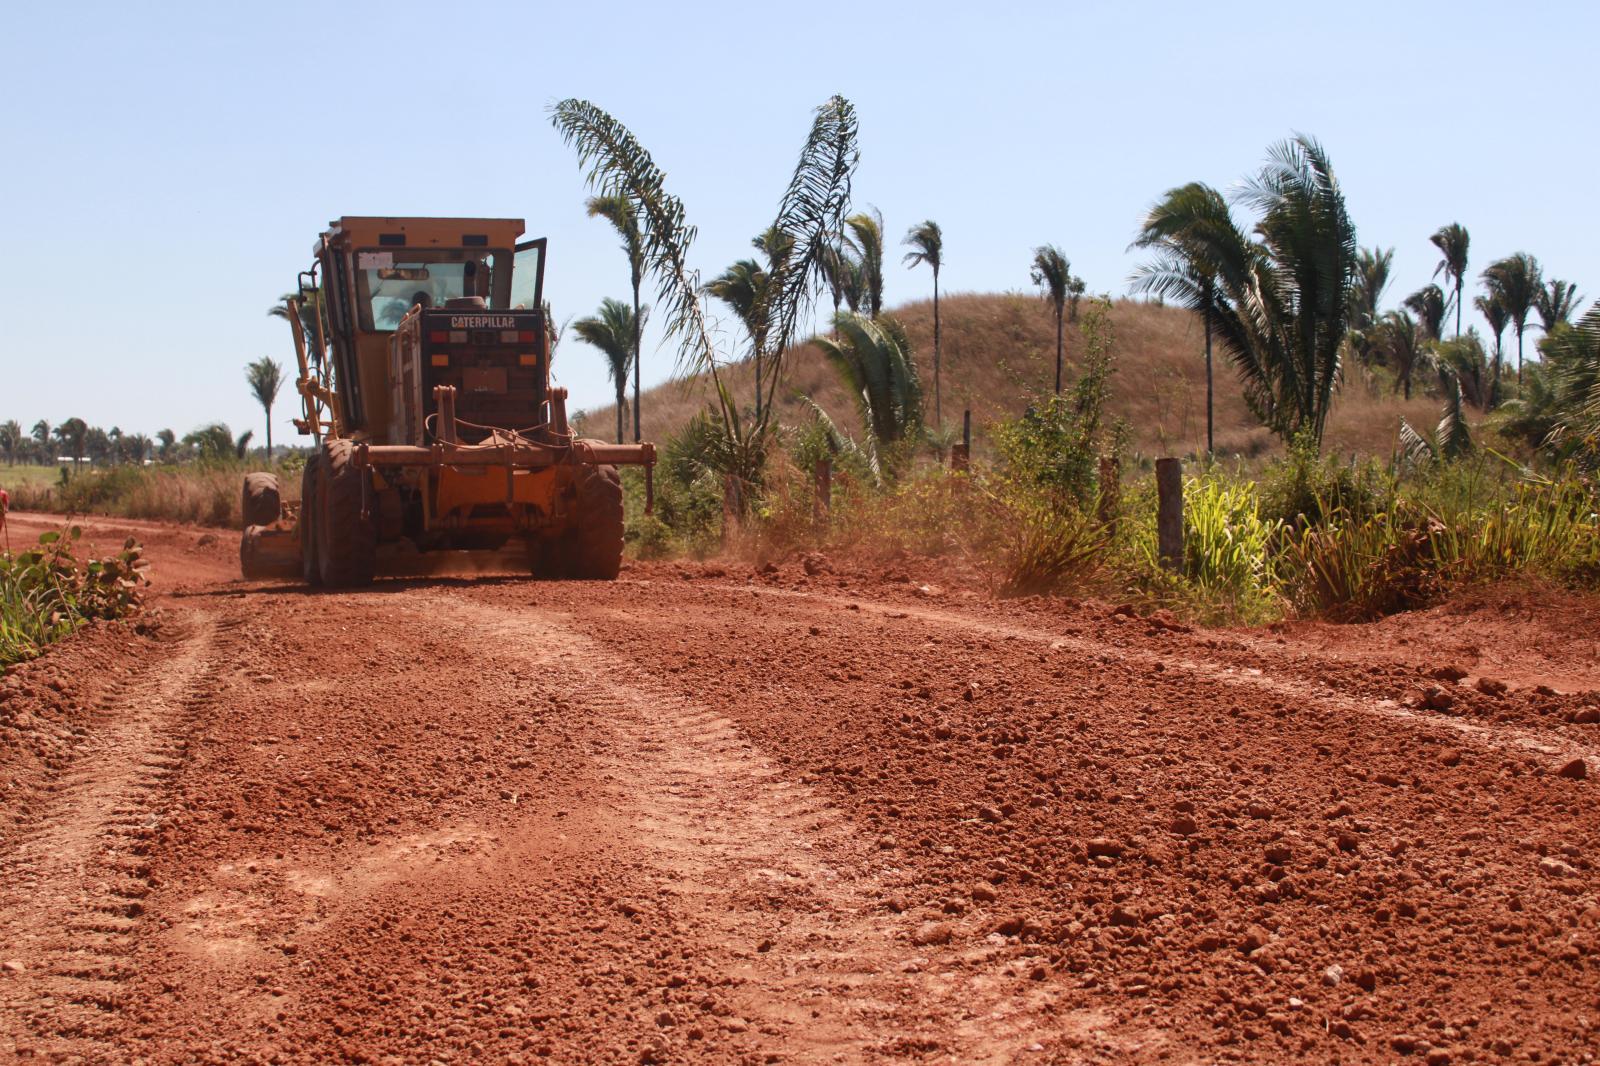 Secretaria de Obras intensifica trabalhos de manutenção de estradas vicinais na região da Trizidela, em Codó